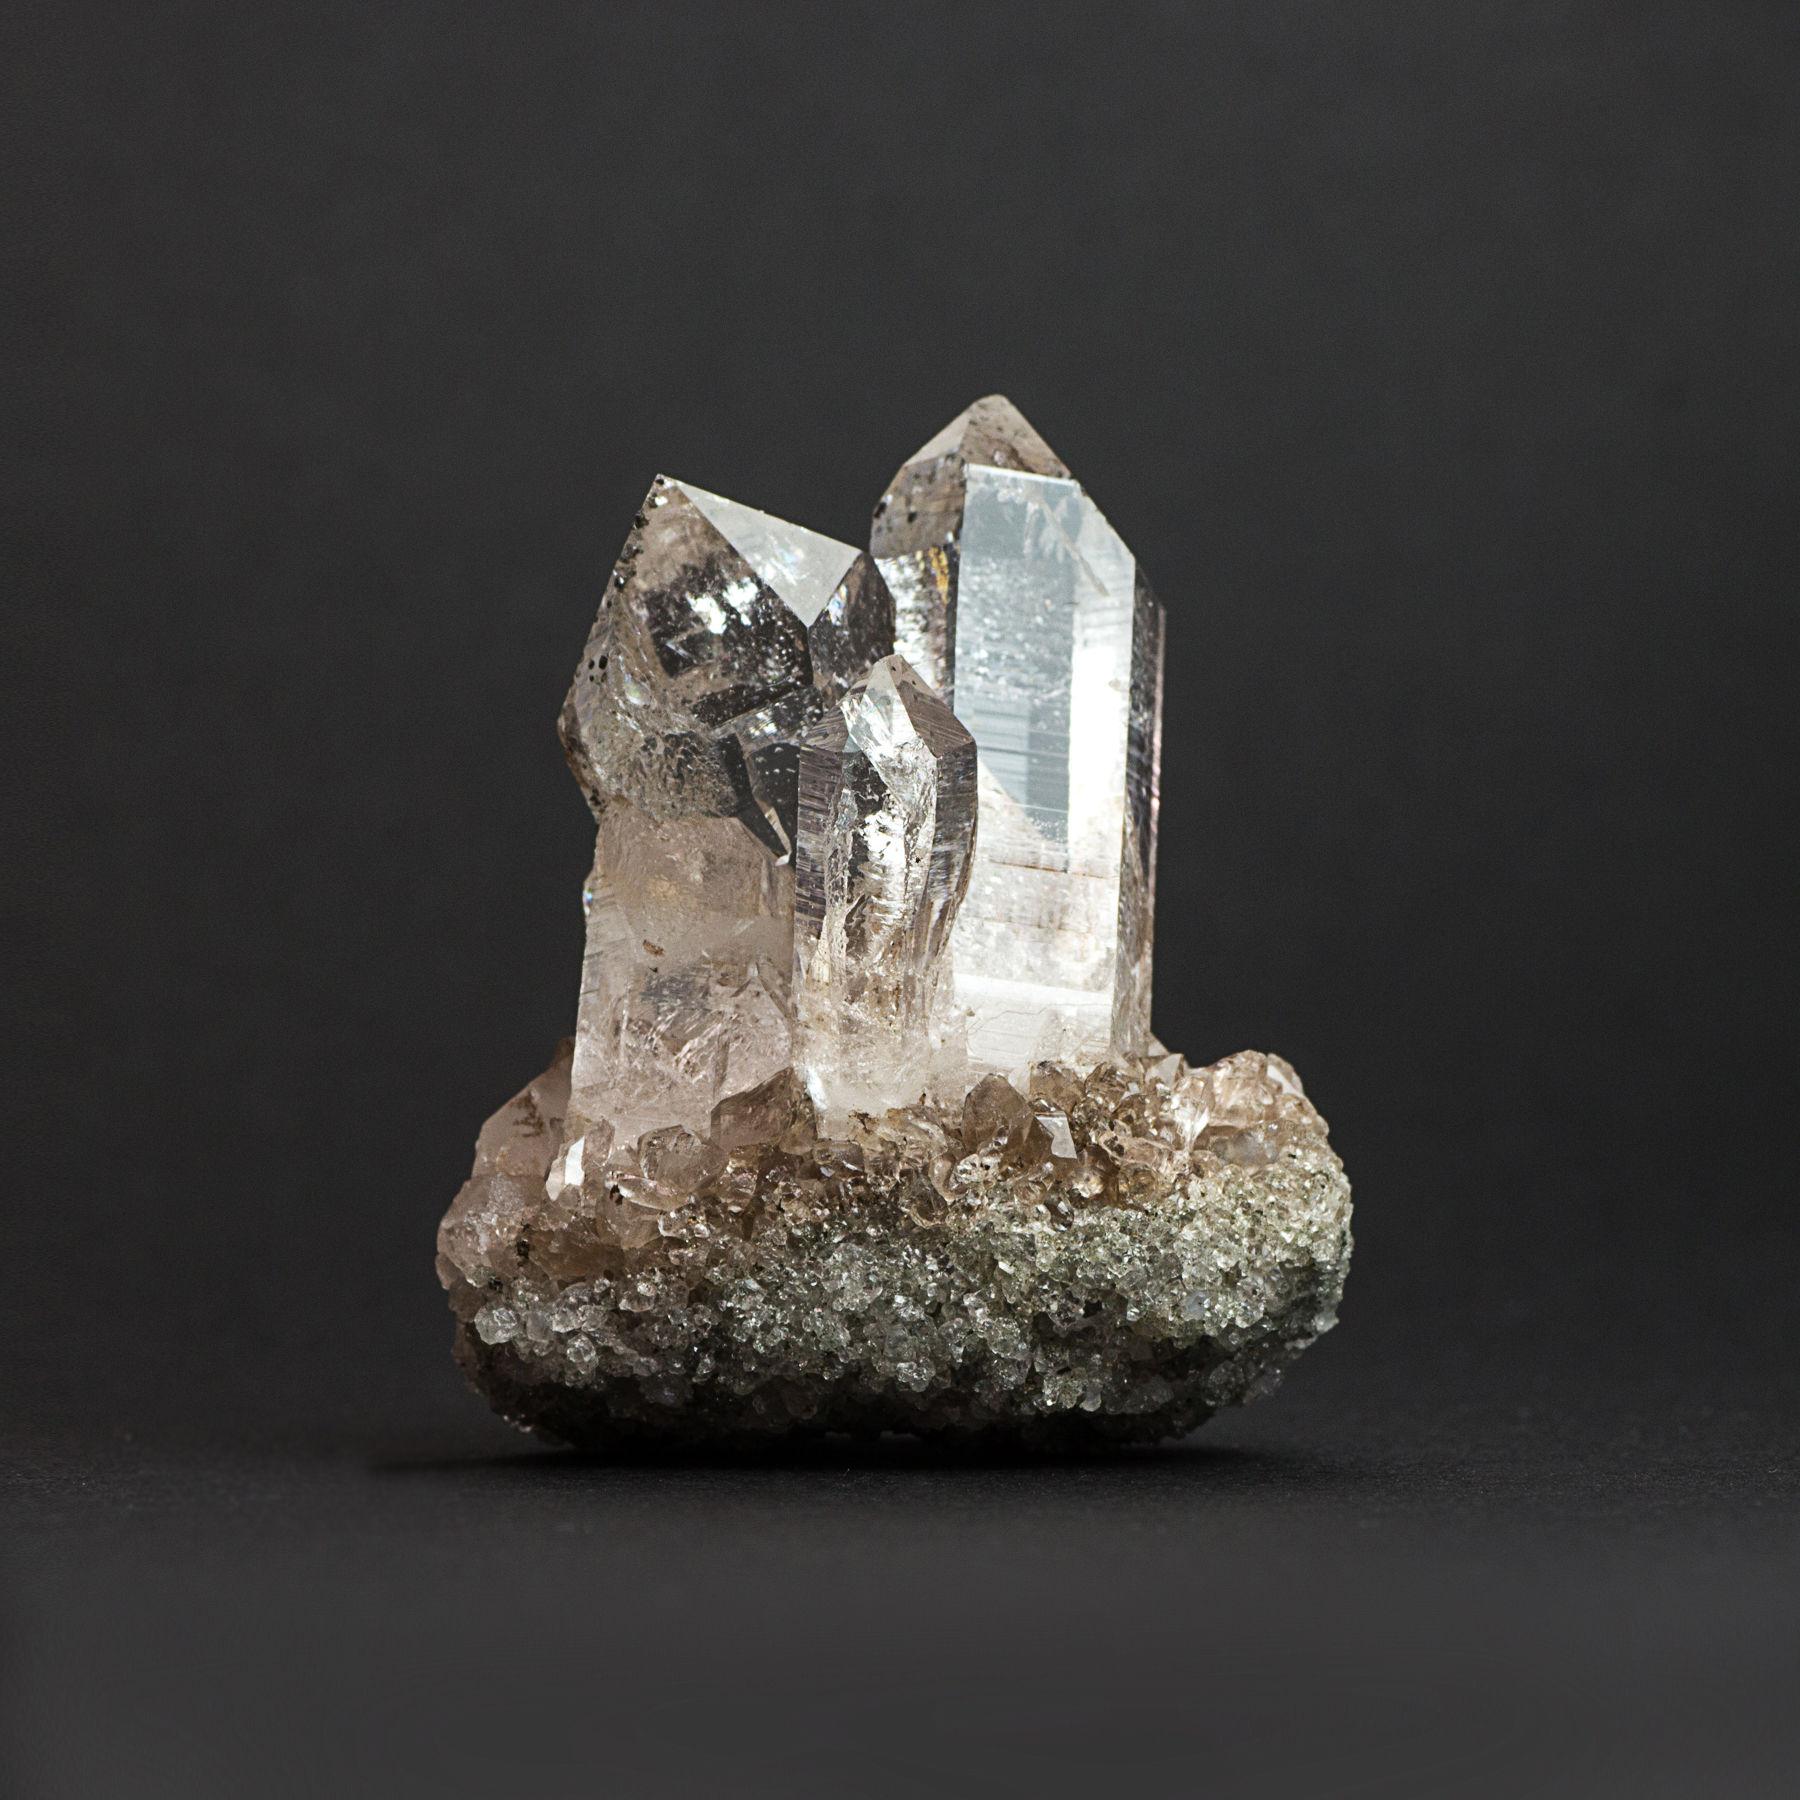 ヒマラヤ産水晶クラスター 鉱物オブジェNO.1